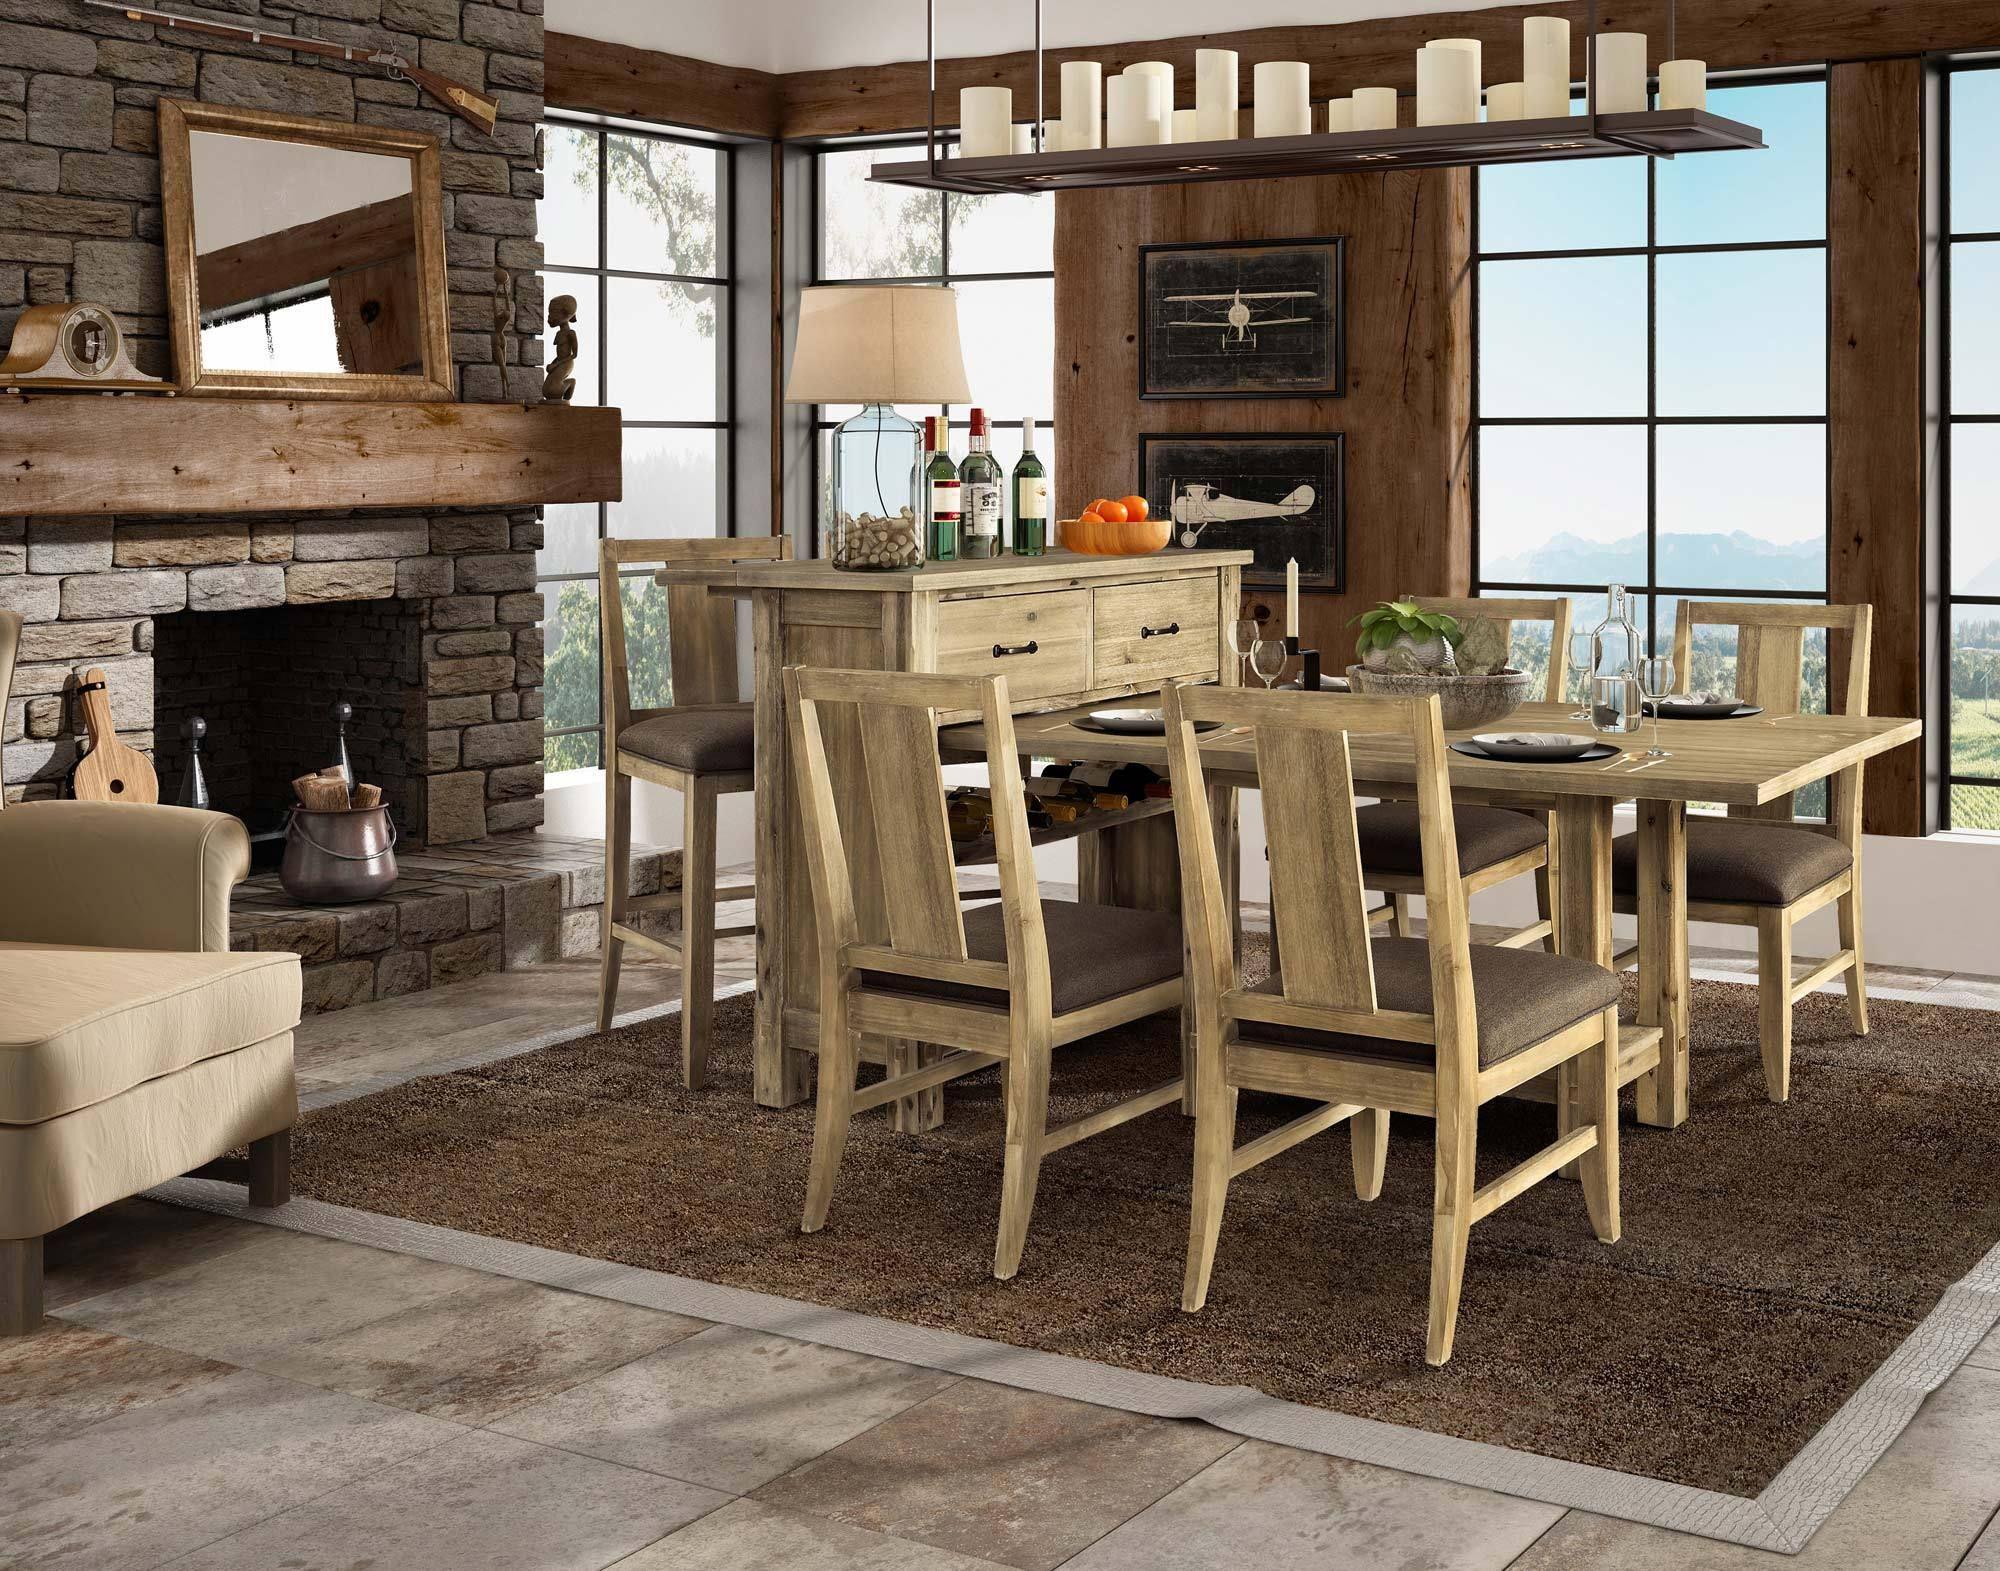 Fairmont Designs Bedroom Sets Magnificent Napa Pine Dining Room Set  Fairmont Designs Furniture  Home Design Decoration